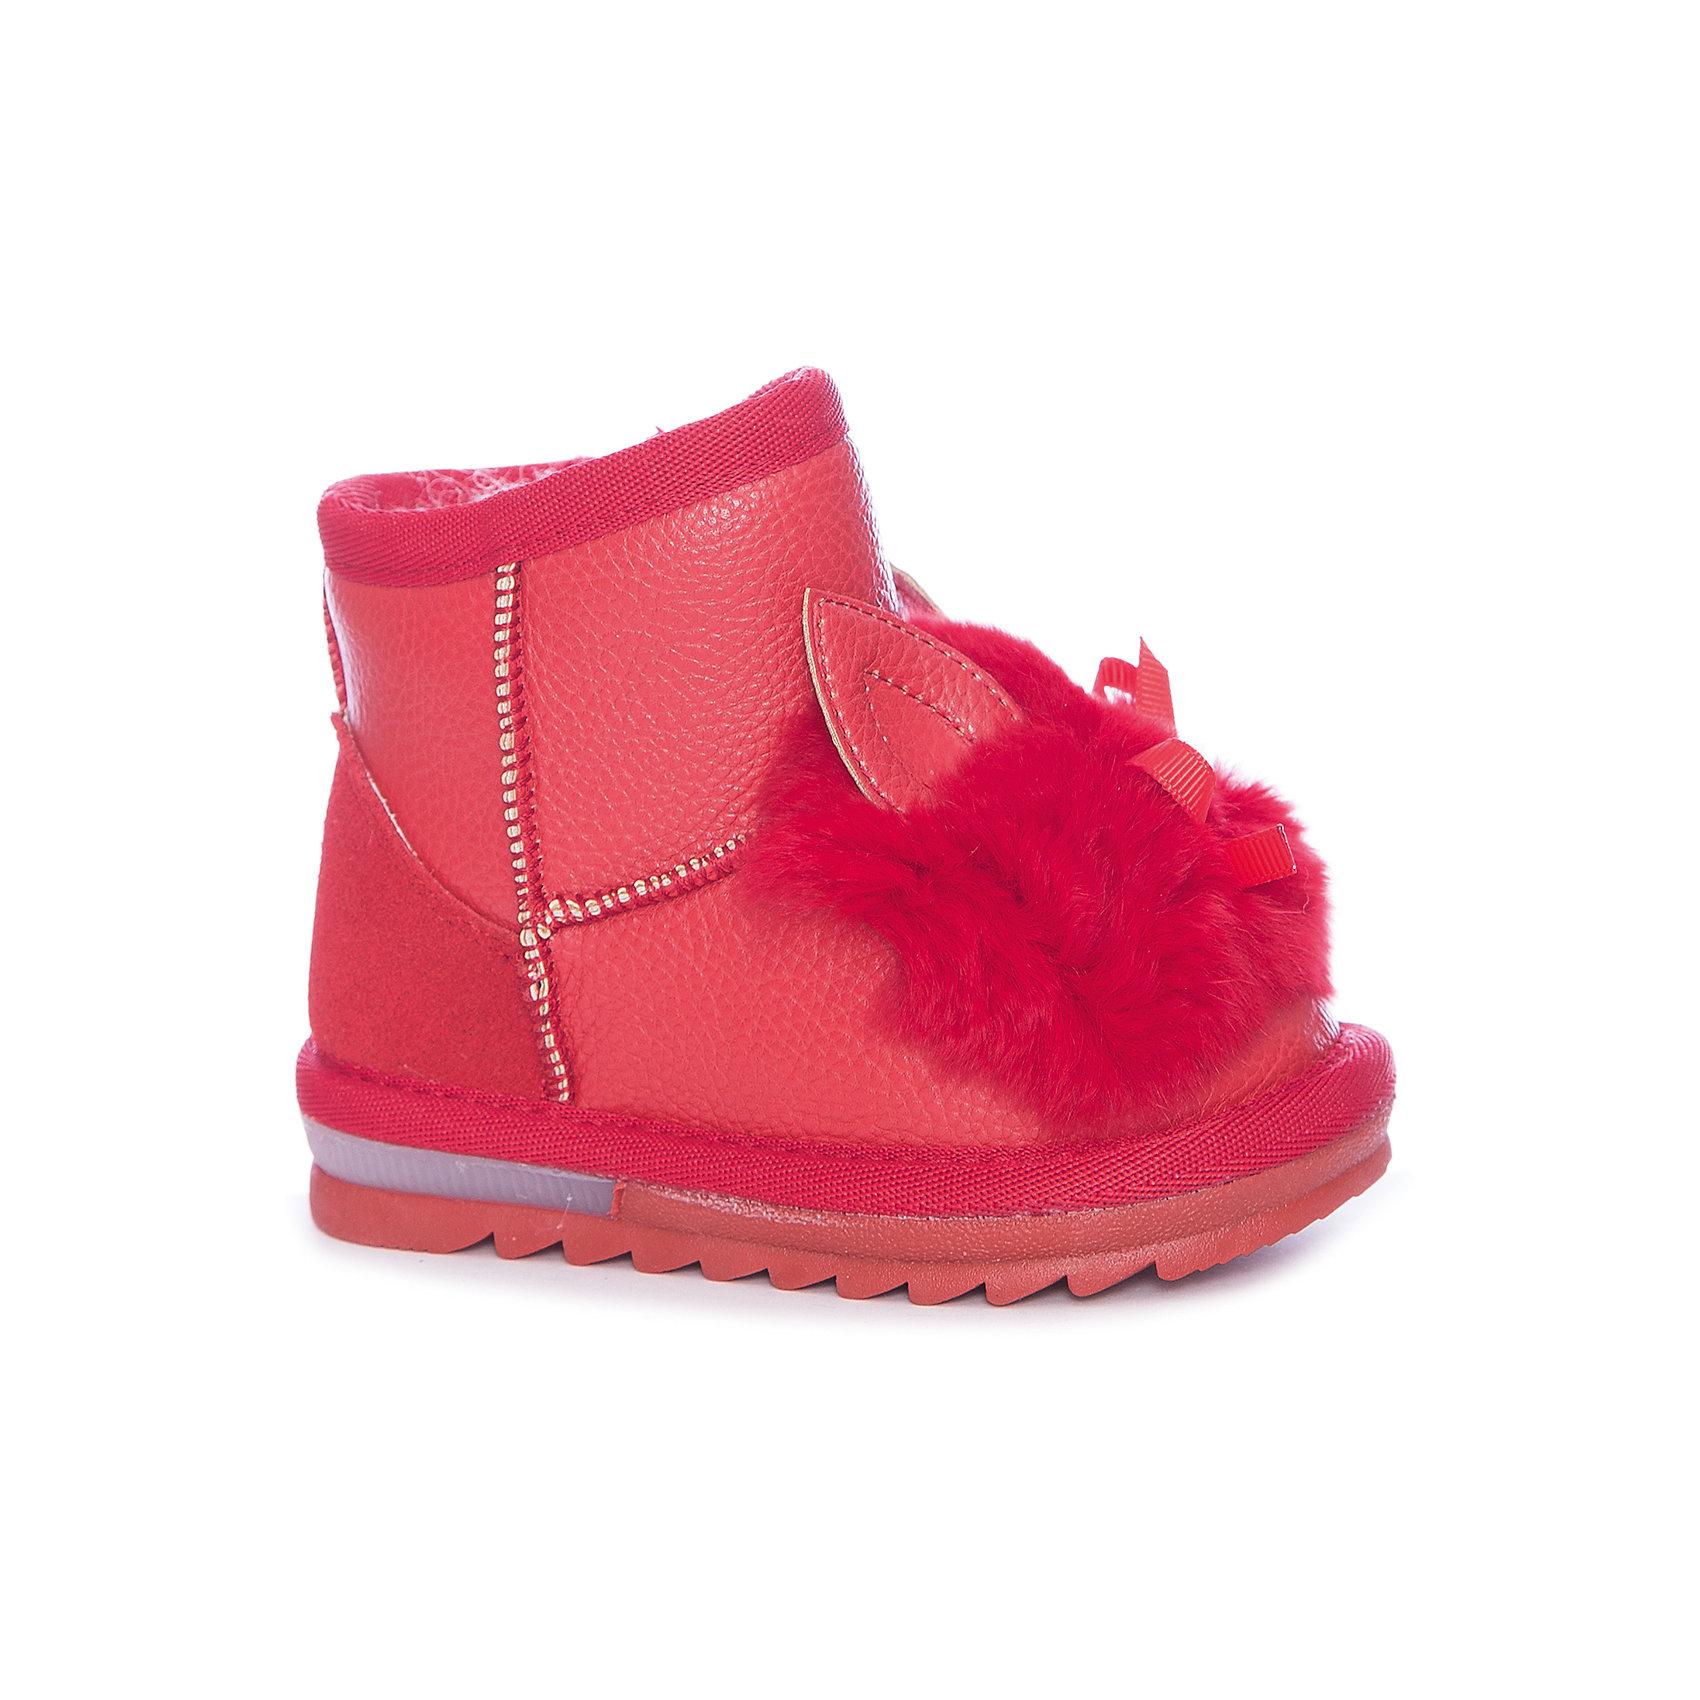 Угги Vitacci для девочкиОбувь для малышей<br>Характеристики товара:<br><br>• цвет: красный<br>• внешний материал: текстиль<br>• внешний материал: искусственная кожа<br>• стелька: шерстяной мех<br>• подошва: резина<br>• сезон: зима<br>• температурный режим: от 0 до -20С<br>• подошва не скользит <br>• анатомические <br>• страна бренда: Италия<br>• страна производства: Китай<br><br>Красные сапоги для ребенка разработаны с учетом тенденций в современной молодежной моде. Такие угги для девочки от Витачи смотрятся оригинально и модно. Детские сапоги Vitacci утеплены натуральным мехом. Зимние сапоги для девочки созданы для холодной погоды. <br><br>Сапоги для девочки Vitacci (Витачи) можно купить в нашем интернет-магазине.<br><br>Ширина мм: 257<br>Глубина мм: 180<br>Высота мм: 130<br>Вес г: 420<br>Цвет: красный<br>Возраст от месяцев: 24<br>Возраст до месяцев: 24<br>Пол: Женский<br>Возраст: Детский<br>Размер: 25,21,22,23,24<br>SKU: 6928997